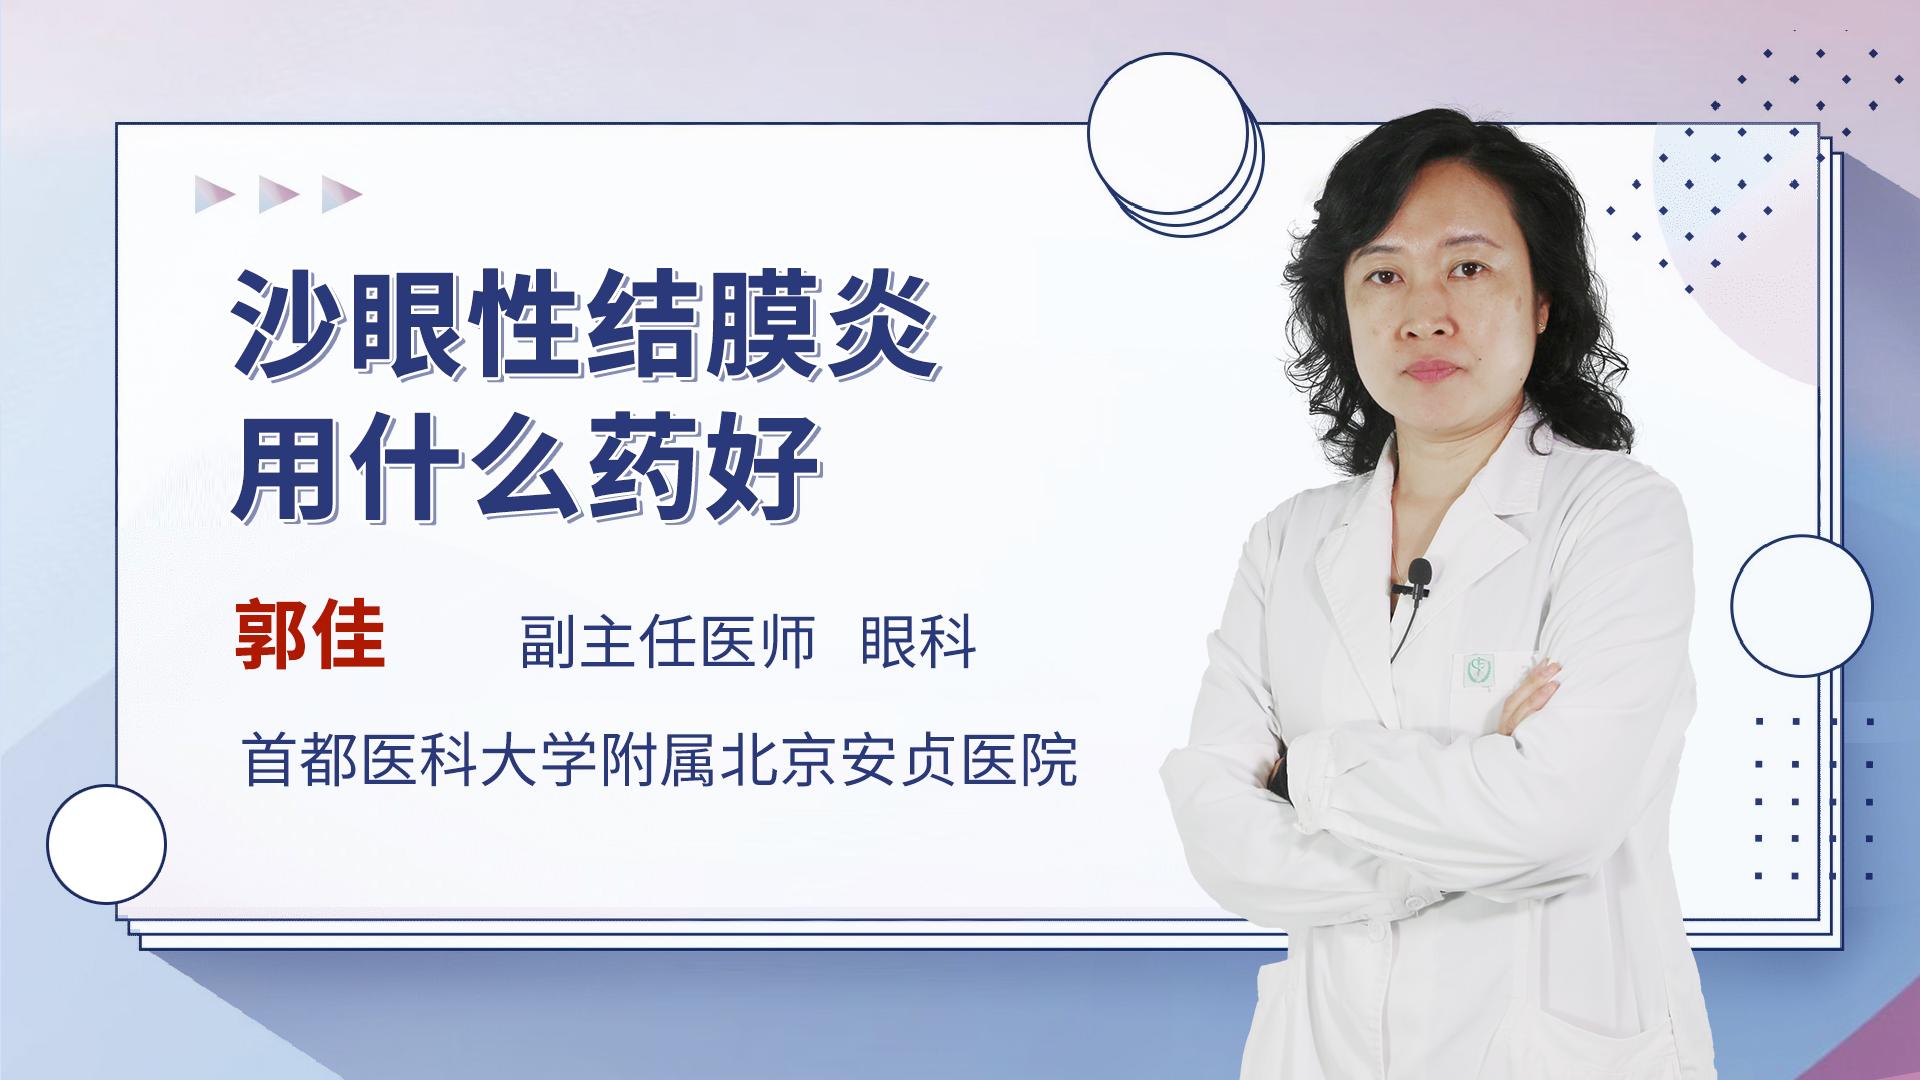 沙眼性结膜炎用什么药好